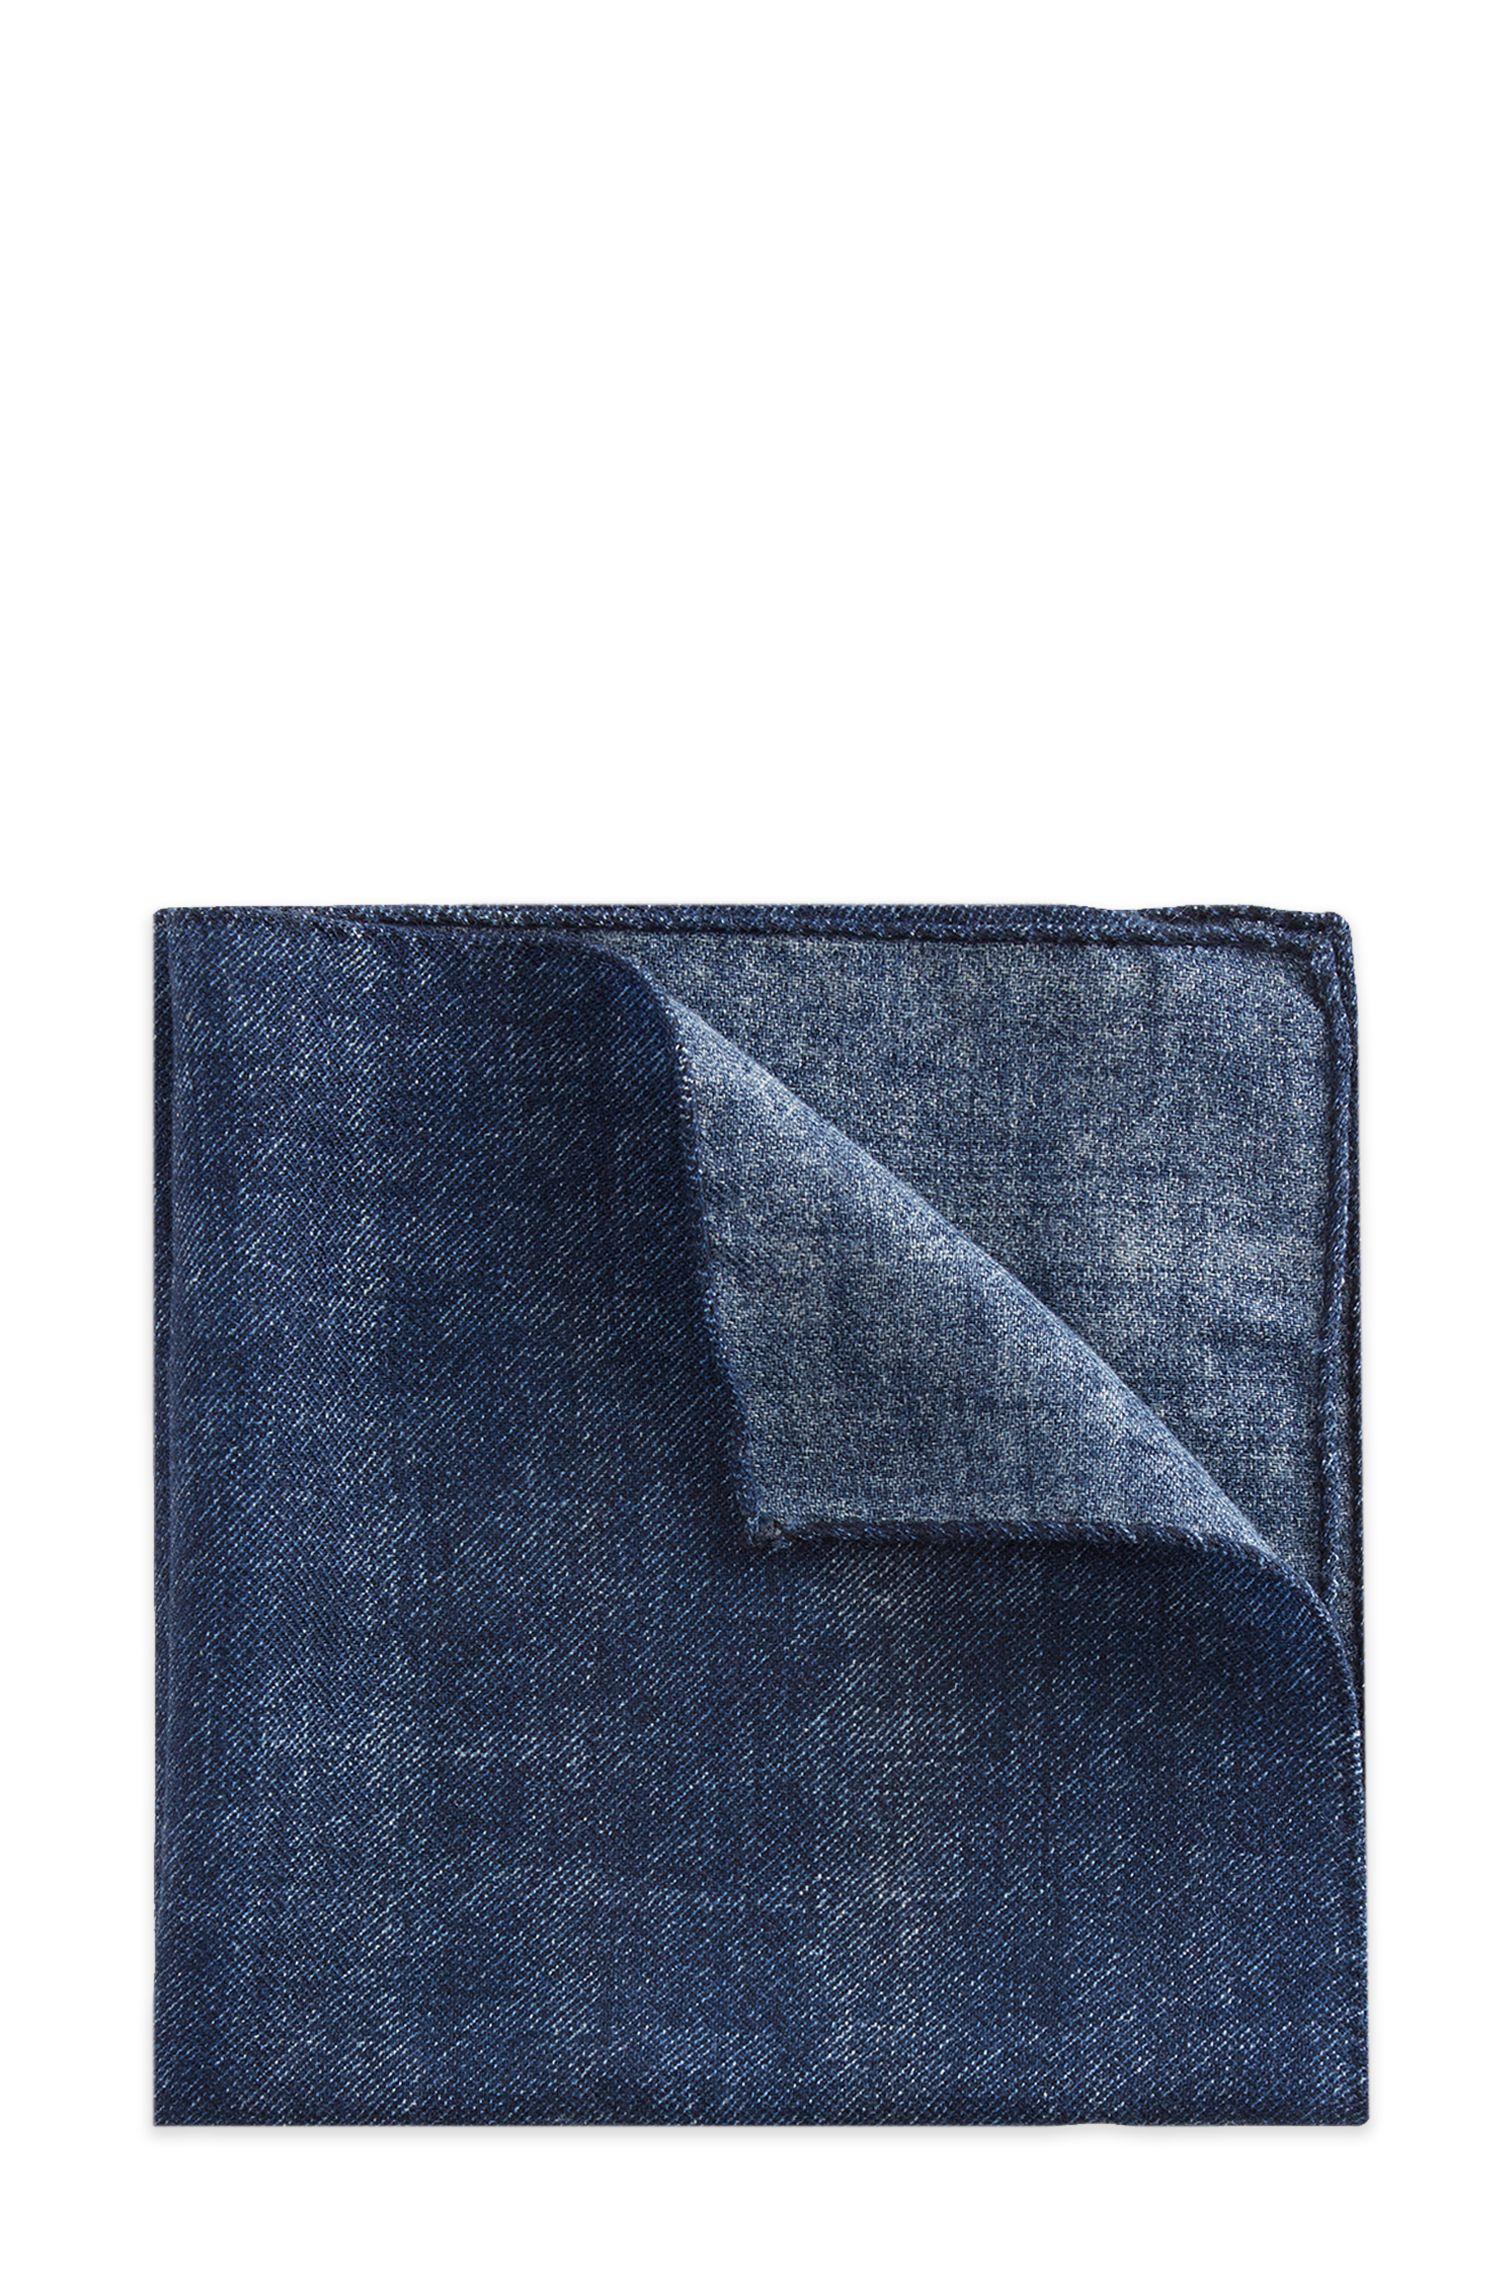 Plaid Italian Wool Pocket Square